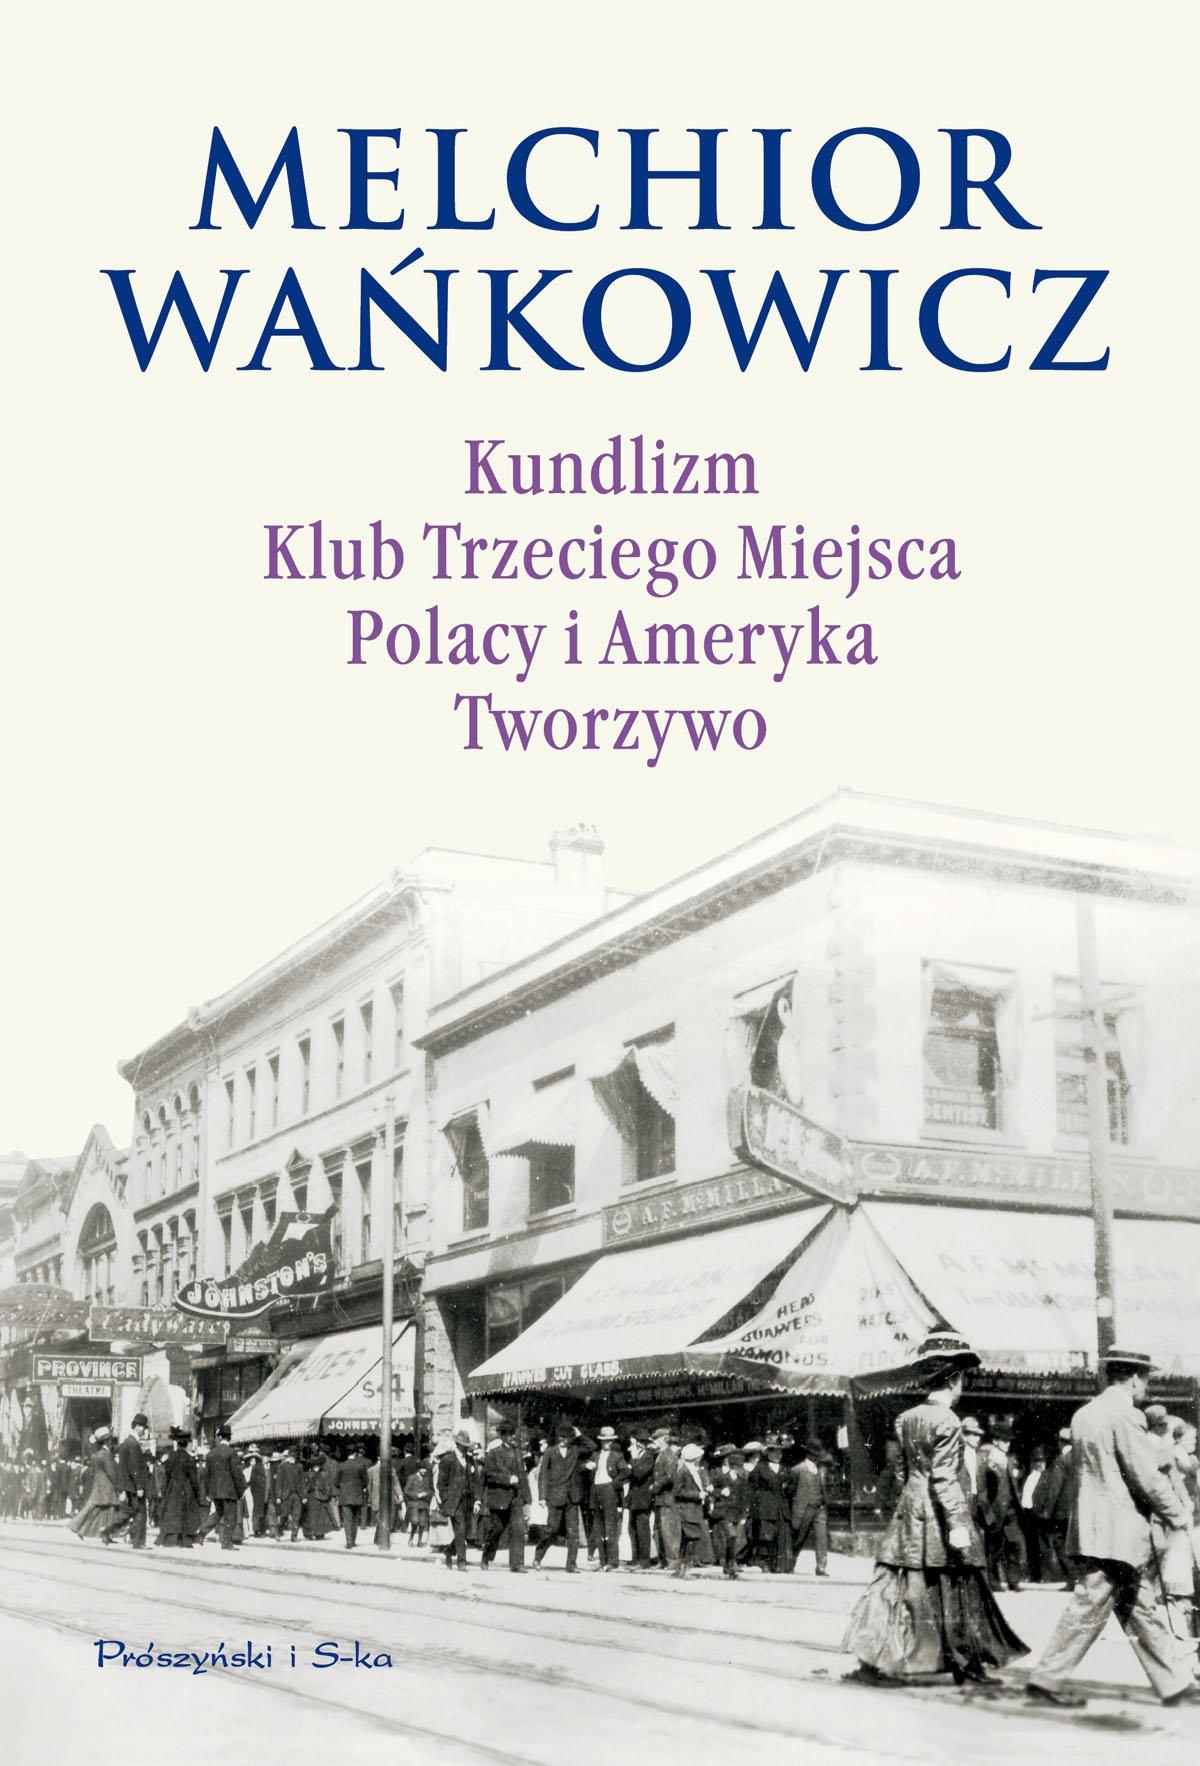 Kundlizm, Klub Trzeciego Miejsca, Polacy i Ameryka, Tworzywo - Ebook (Książka EPUB) do pobrania w formacie EPUB